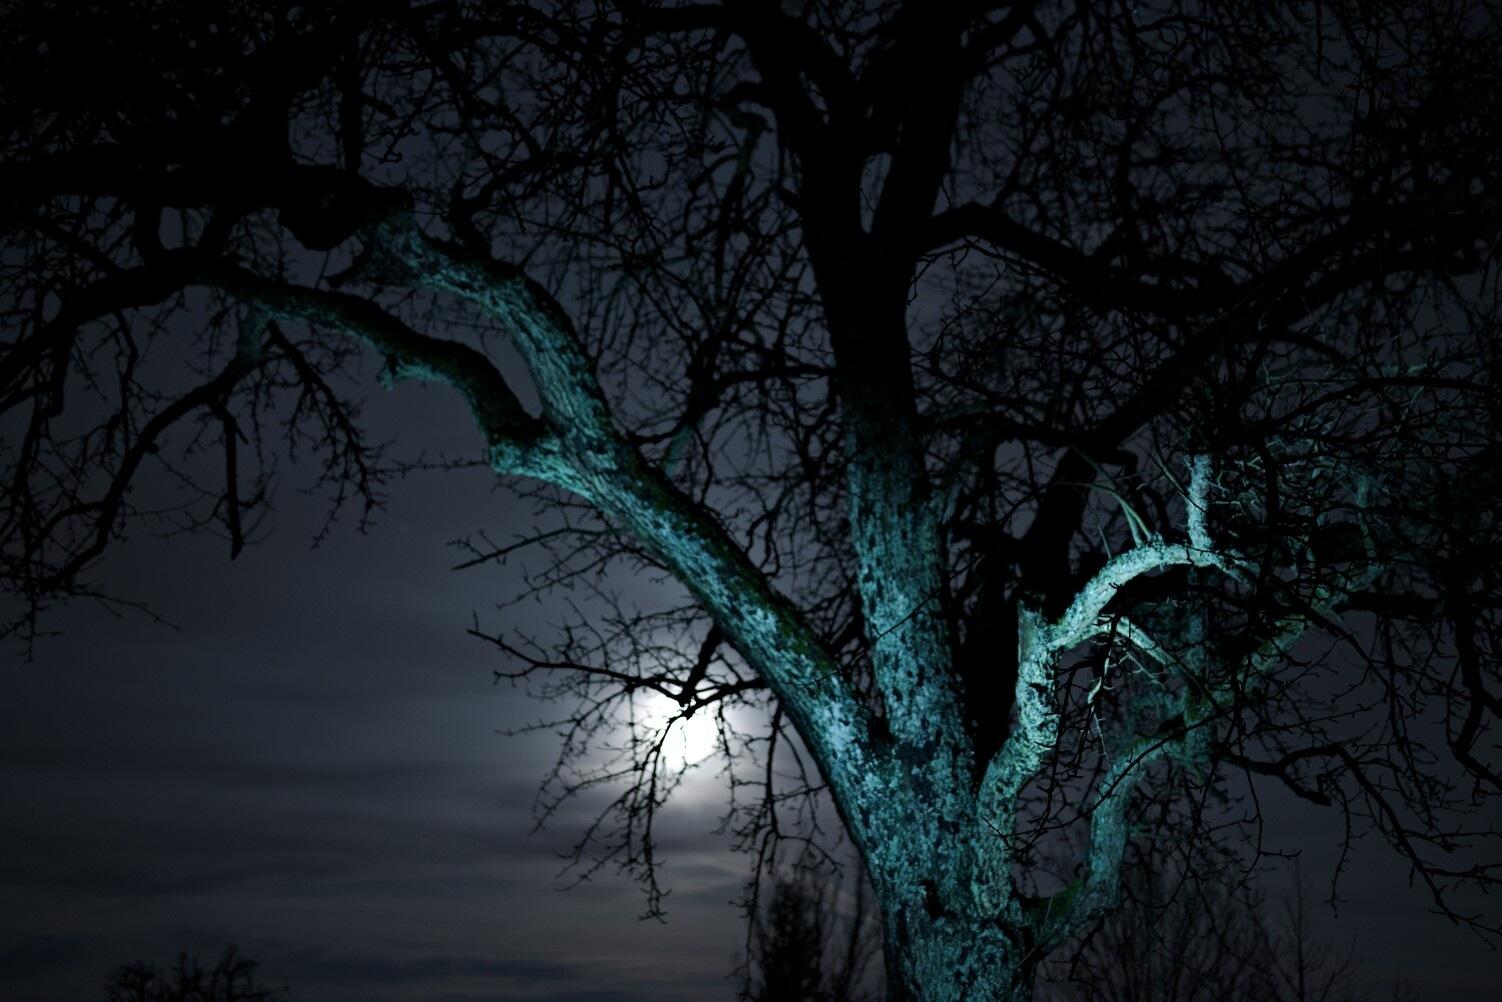 Blue Moon by Luis Hafner